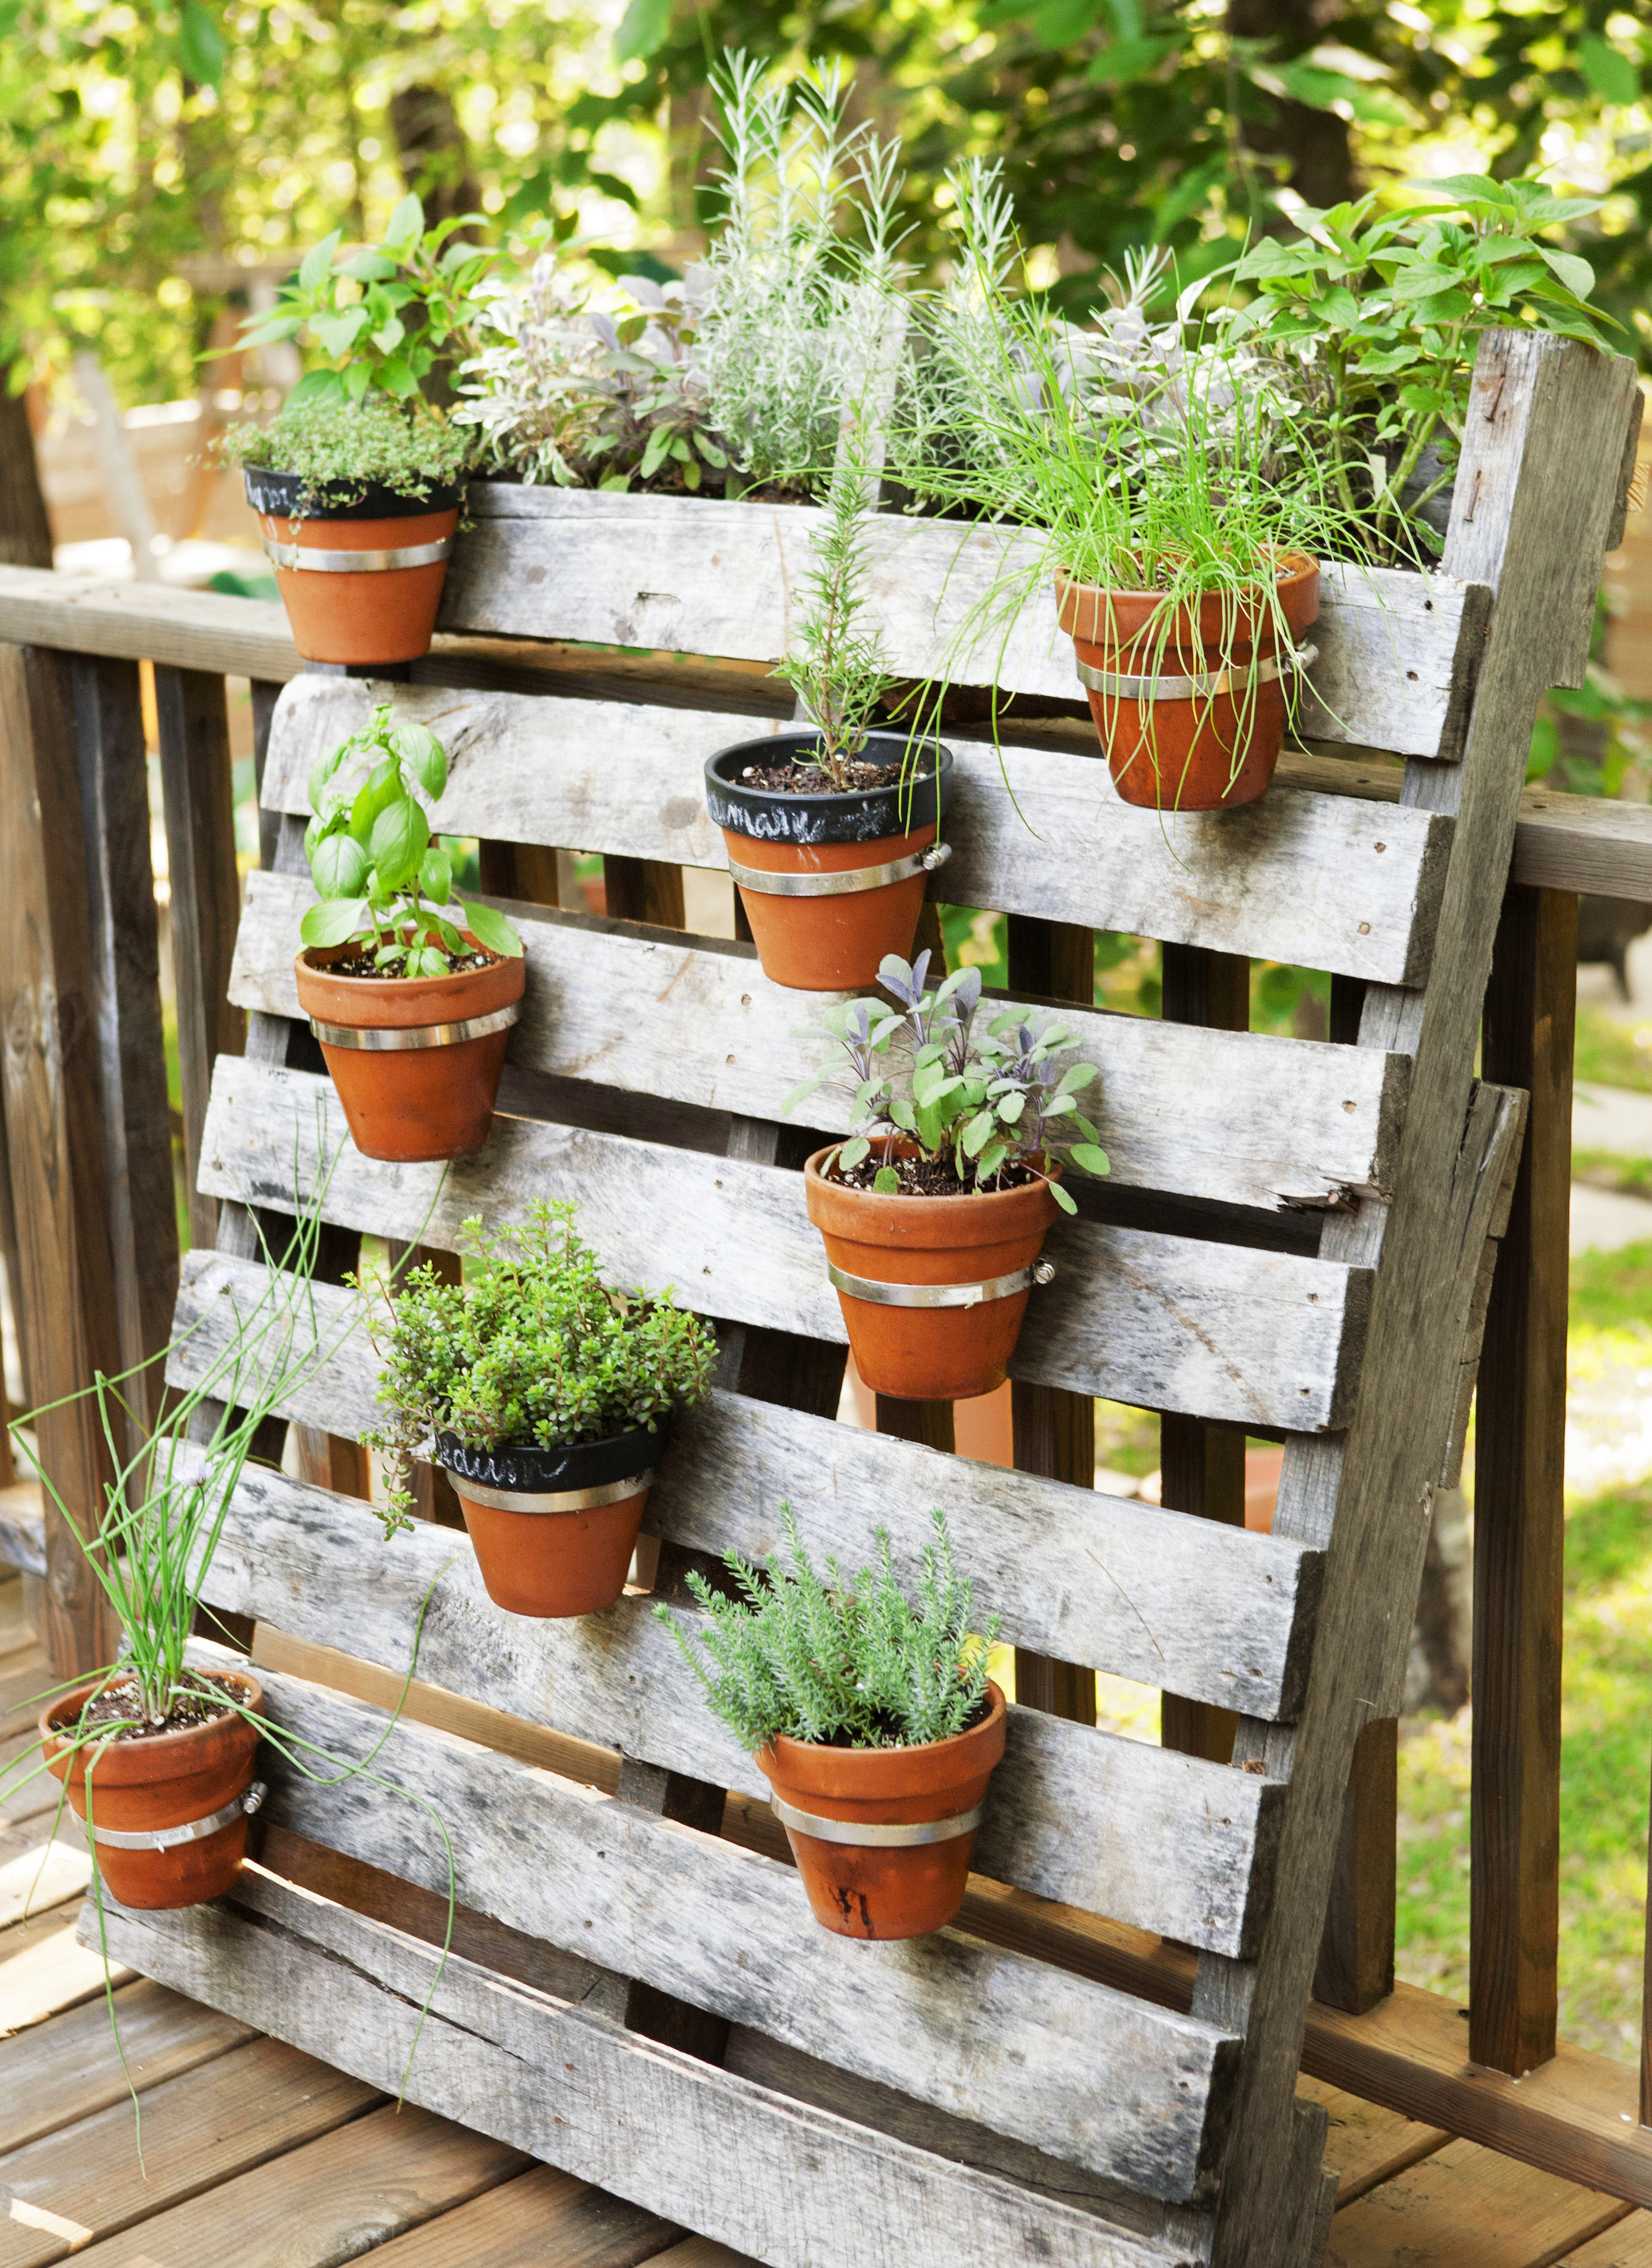 40 small garden ideas - small garden designs BOBPWAT